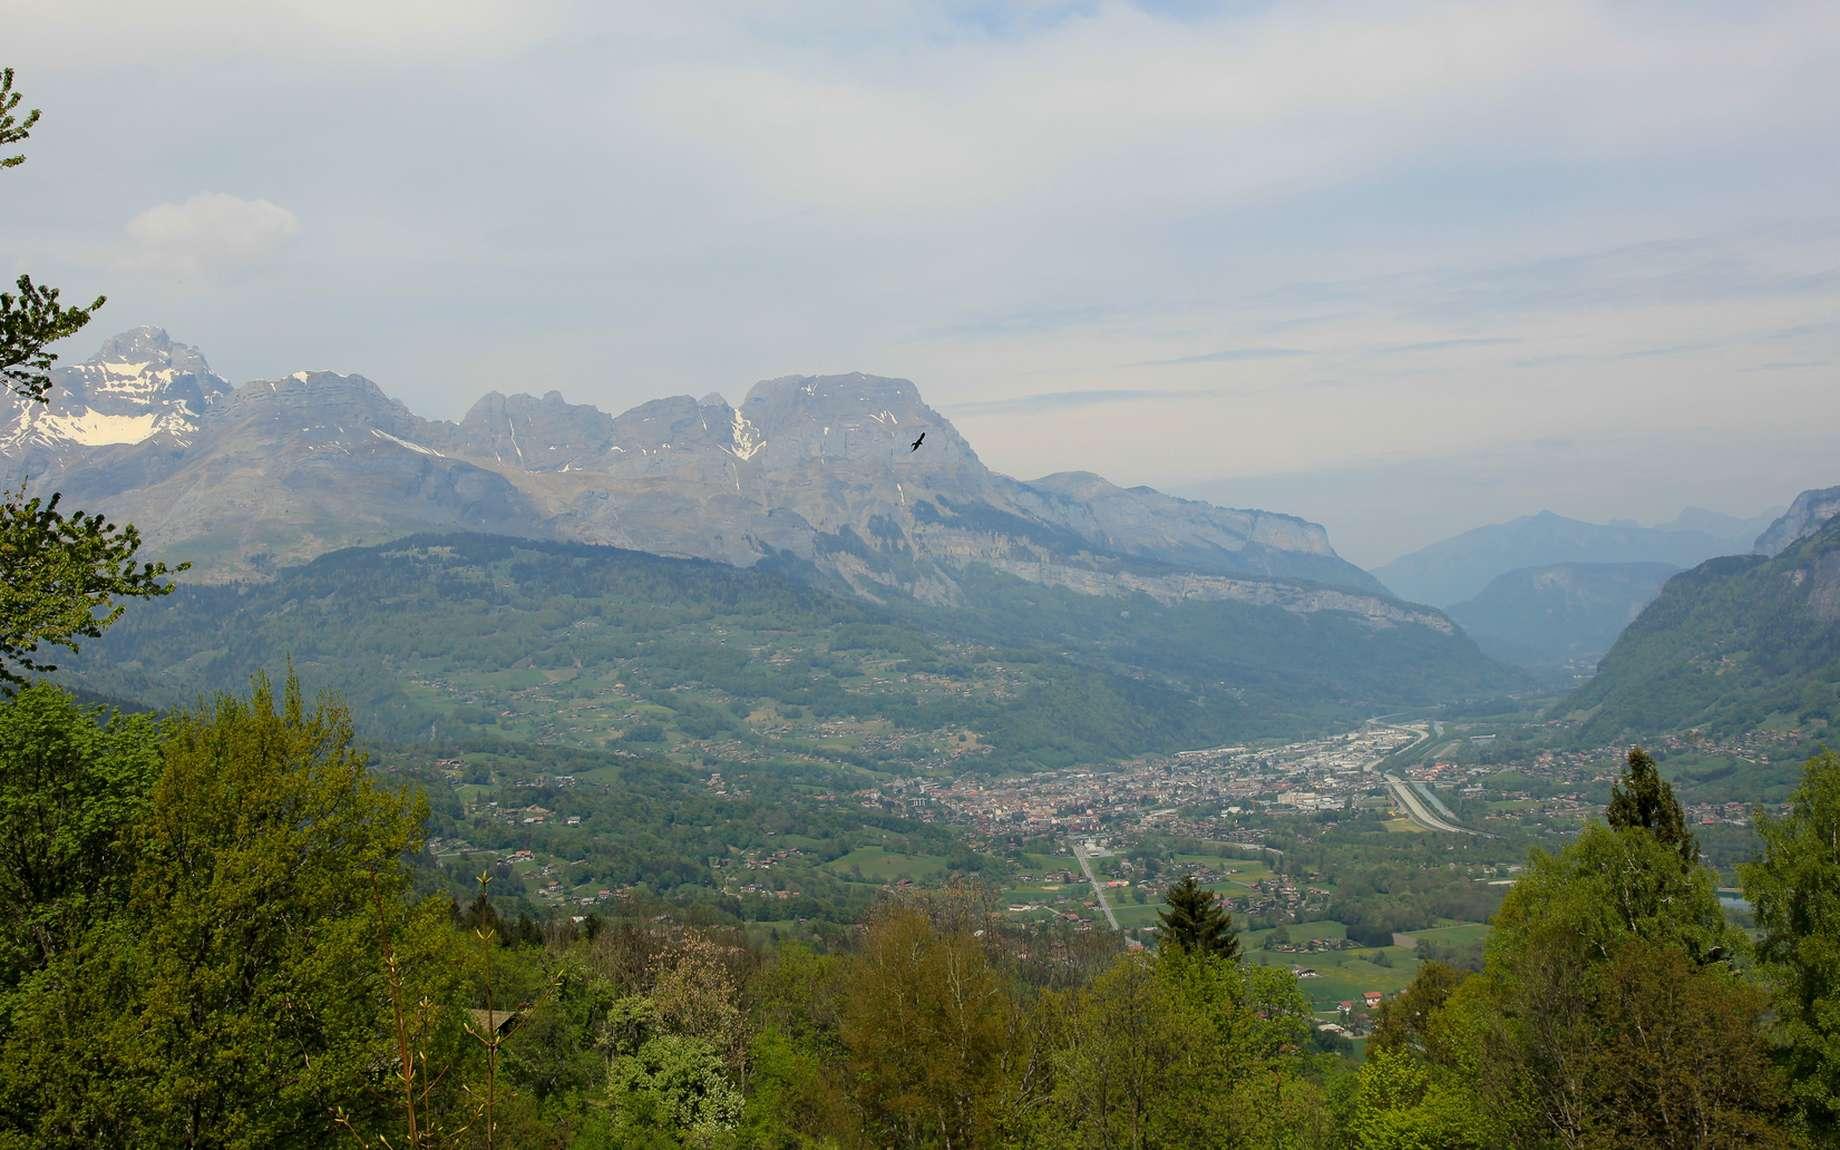 Les Houches et la vallée, près de Chamonix. C'est là où Cécile DeWitt-Morette a fondé son école, lieu de rencontres entre étudiants et grands scientifiques internationaux.. © as_trofey, Fotolia